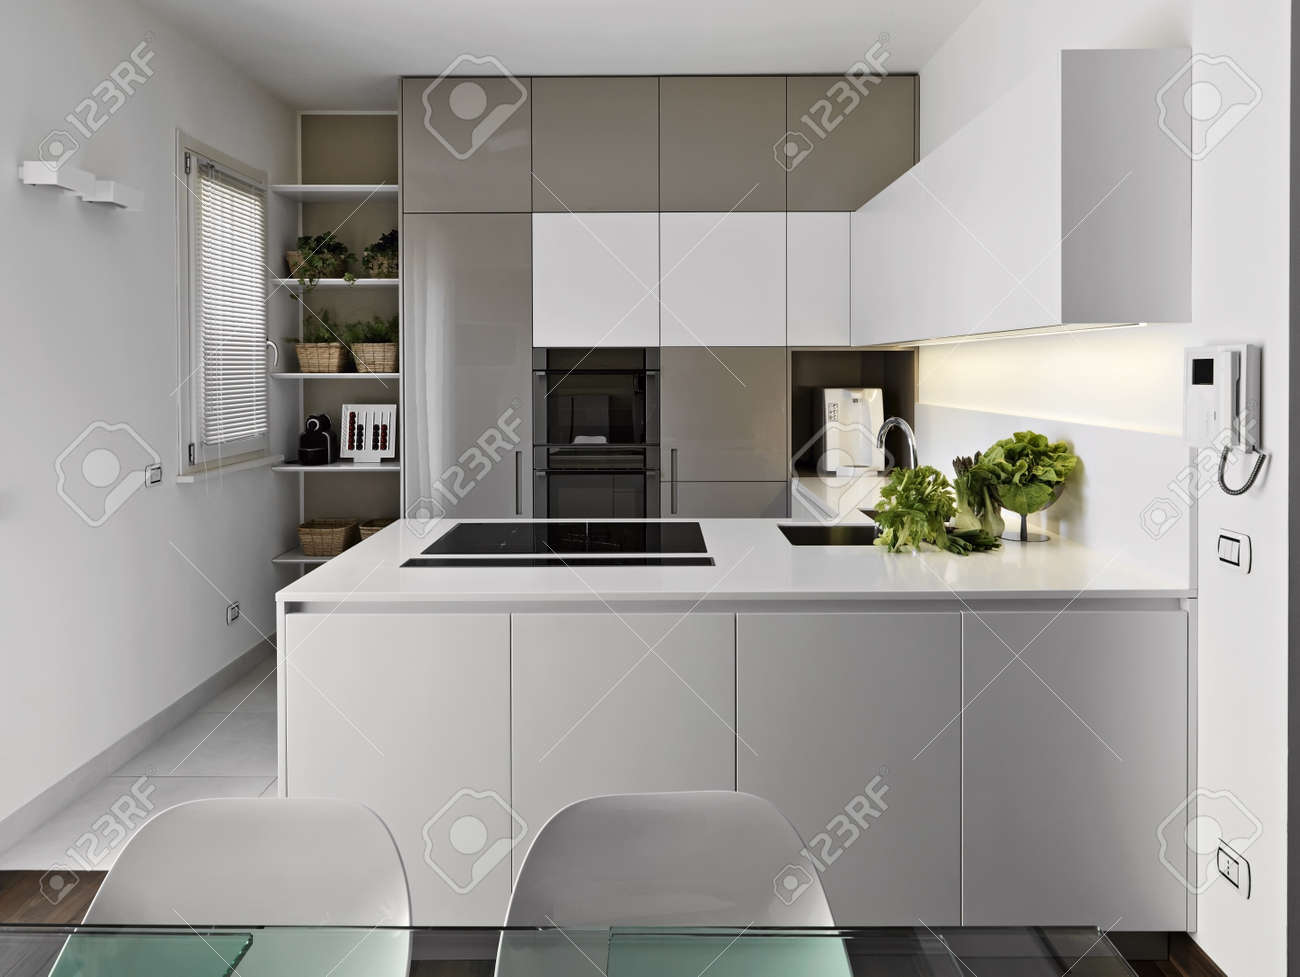 Hochwertig Moderne Küche Mit Gemüse Auf Dem Weißen Arbeitsplatte Standard Bild    15375079